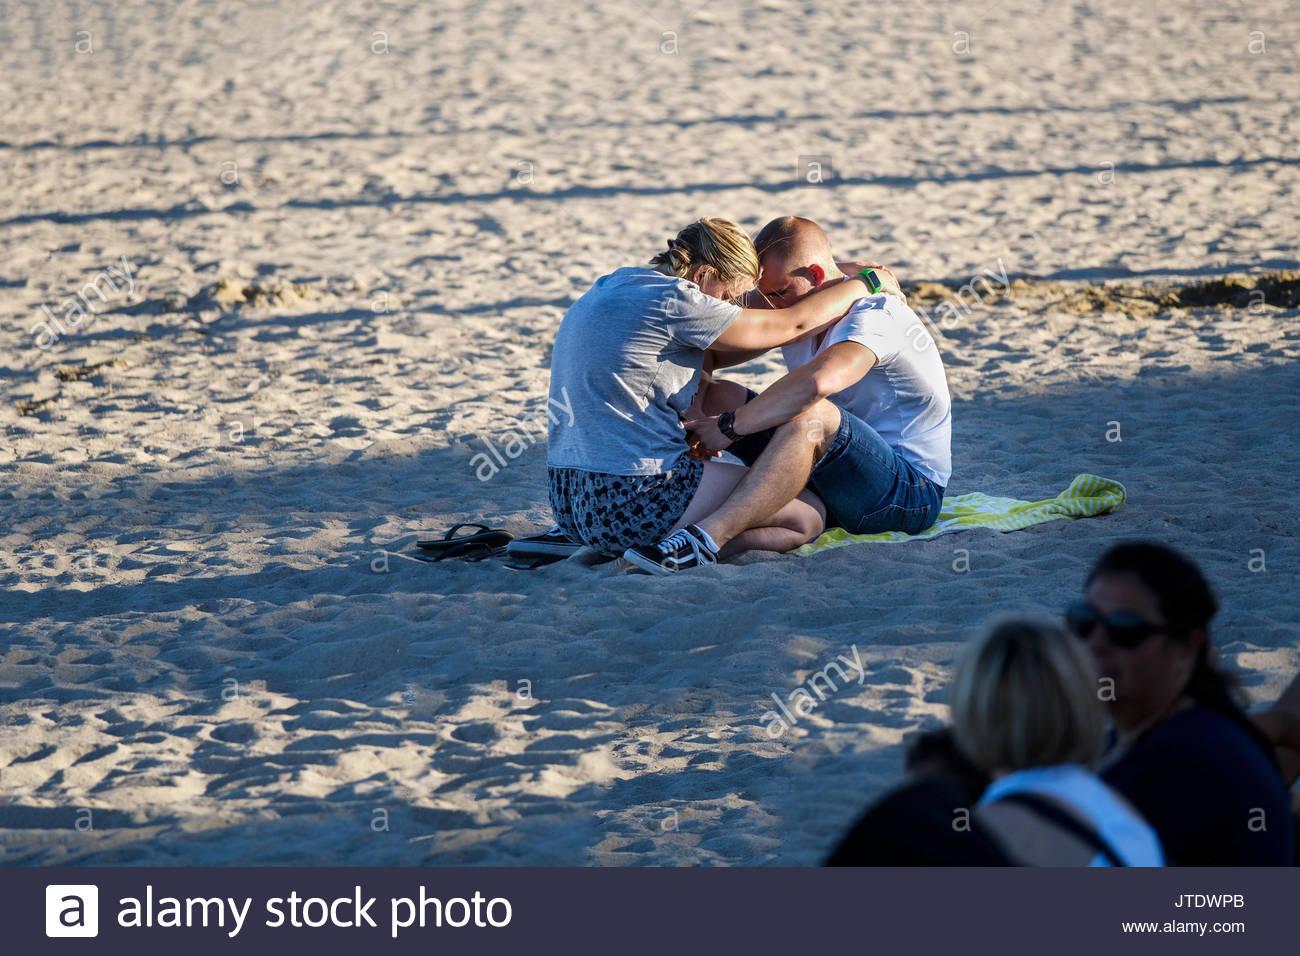 Une femme consolant et offrant une sympathie o homme émotif et câliné ensemble sur une plage Banque D'Images